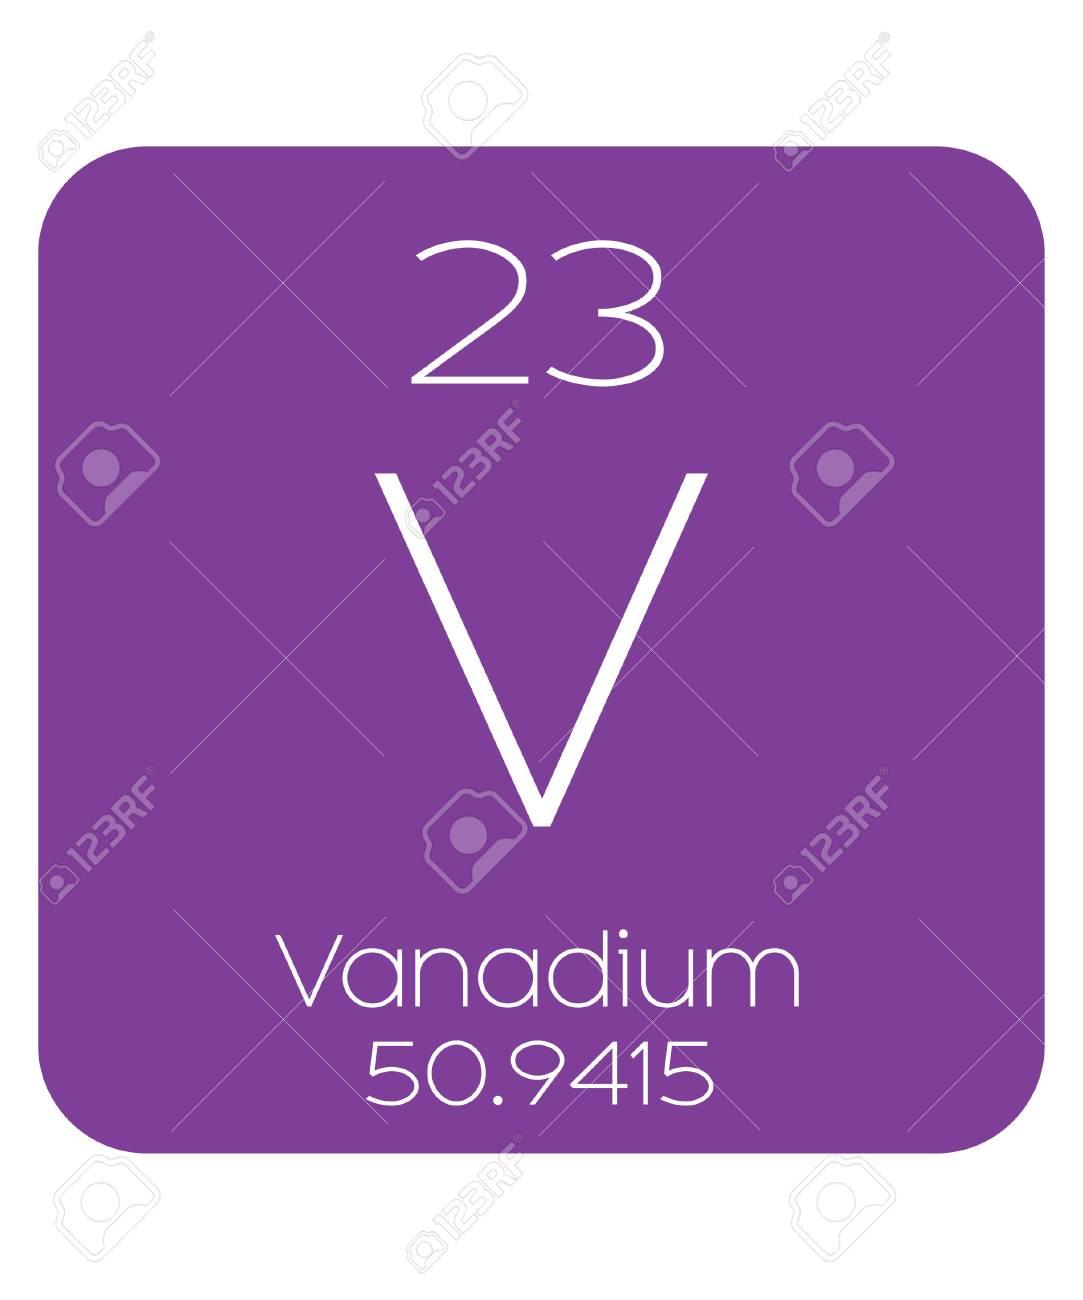 La tabla peridica de los elementos vanadio fotos retratos foto de archivo la tabla peridica de los elementos vanadio urtaz Image collections